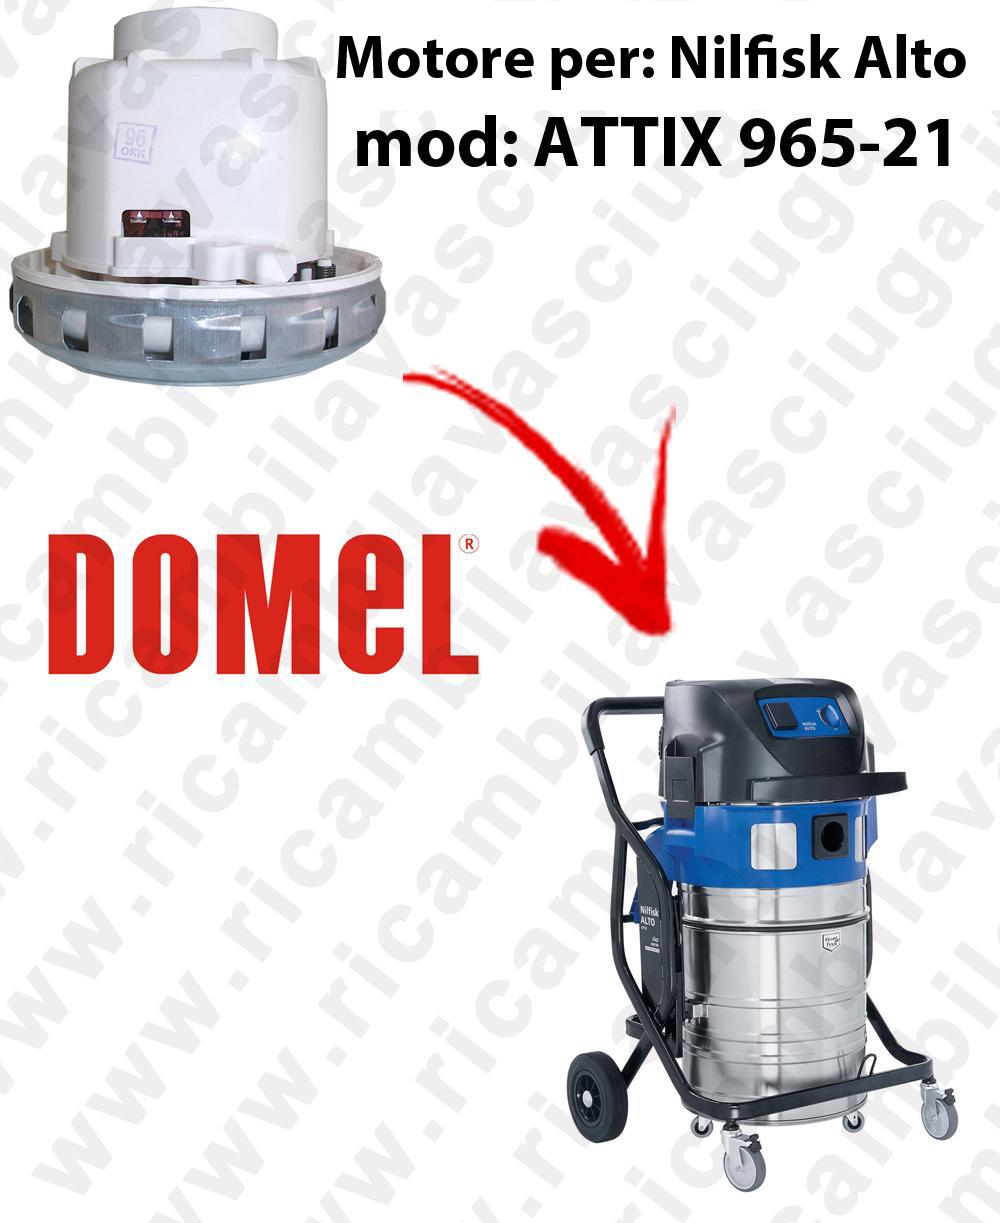 MOTORE DOMEL  per ATTIX 965-21 aspirapolvere NILFISK ALTO